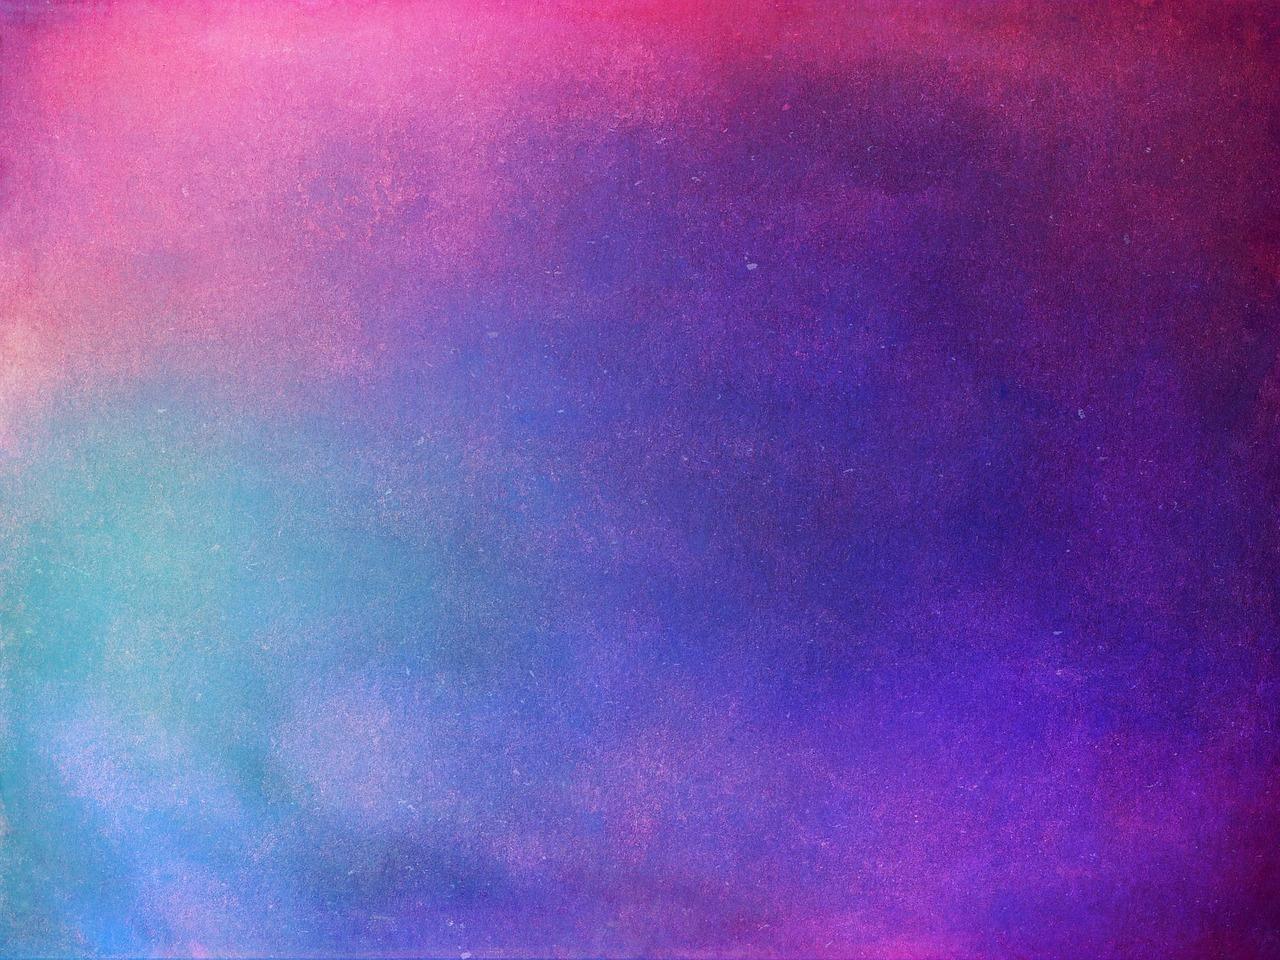 Backgroundabstractpinkgreenblue Free Photo From Needpixcom